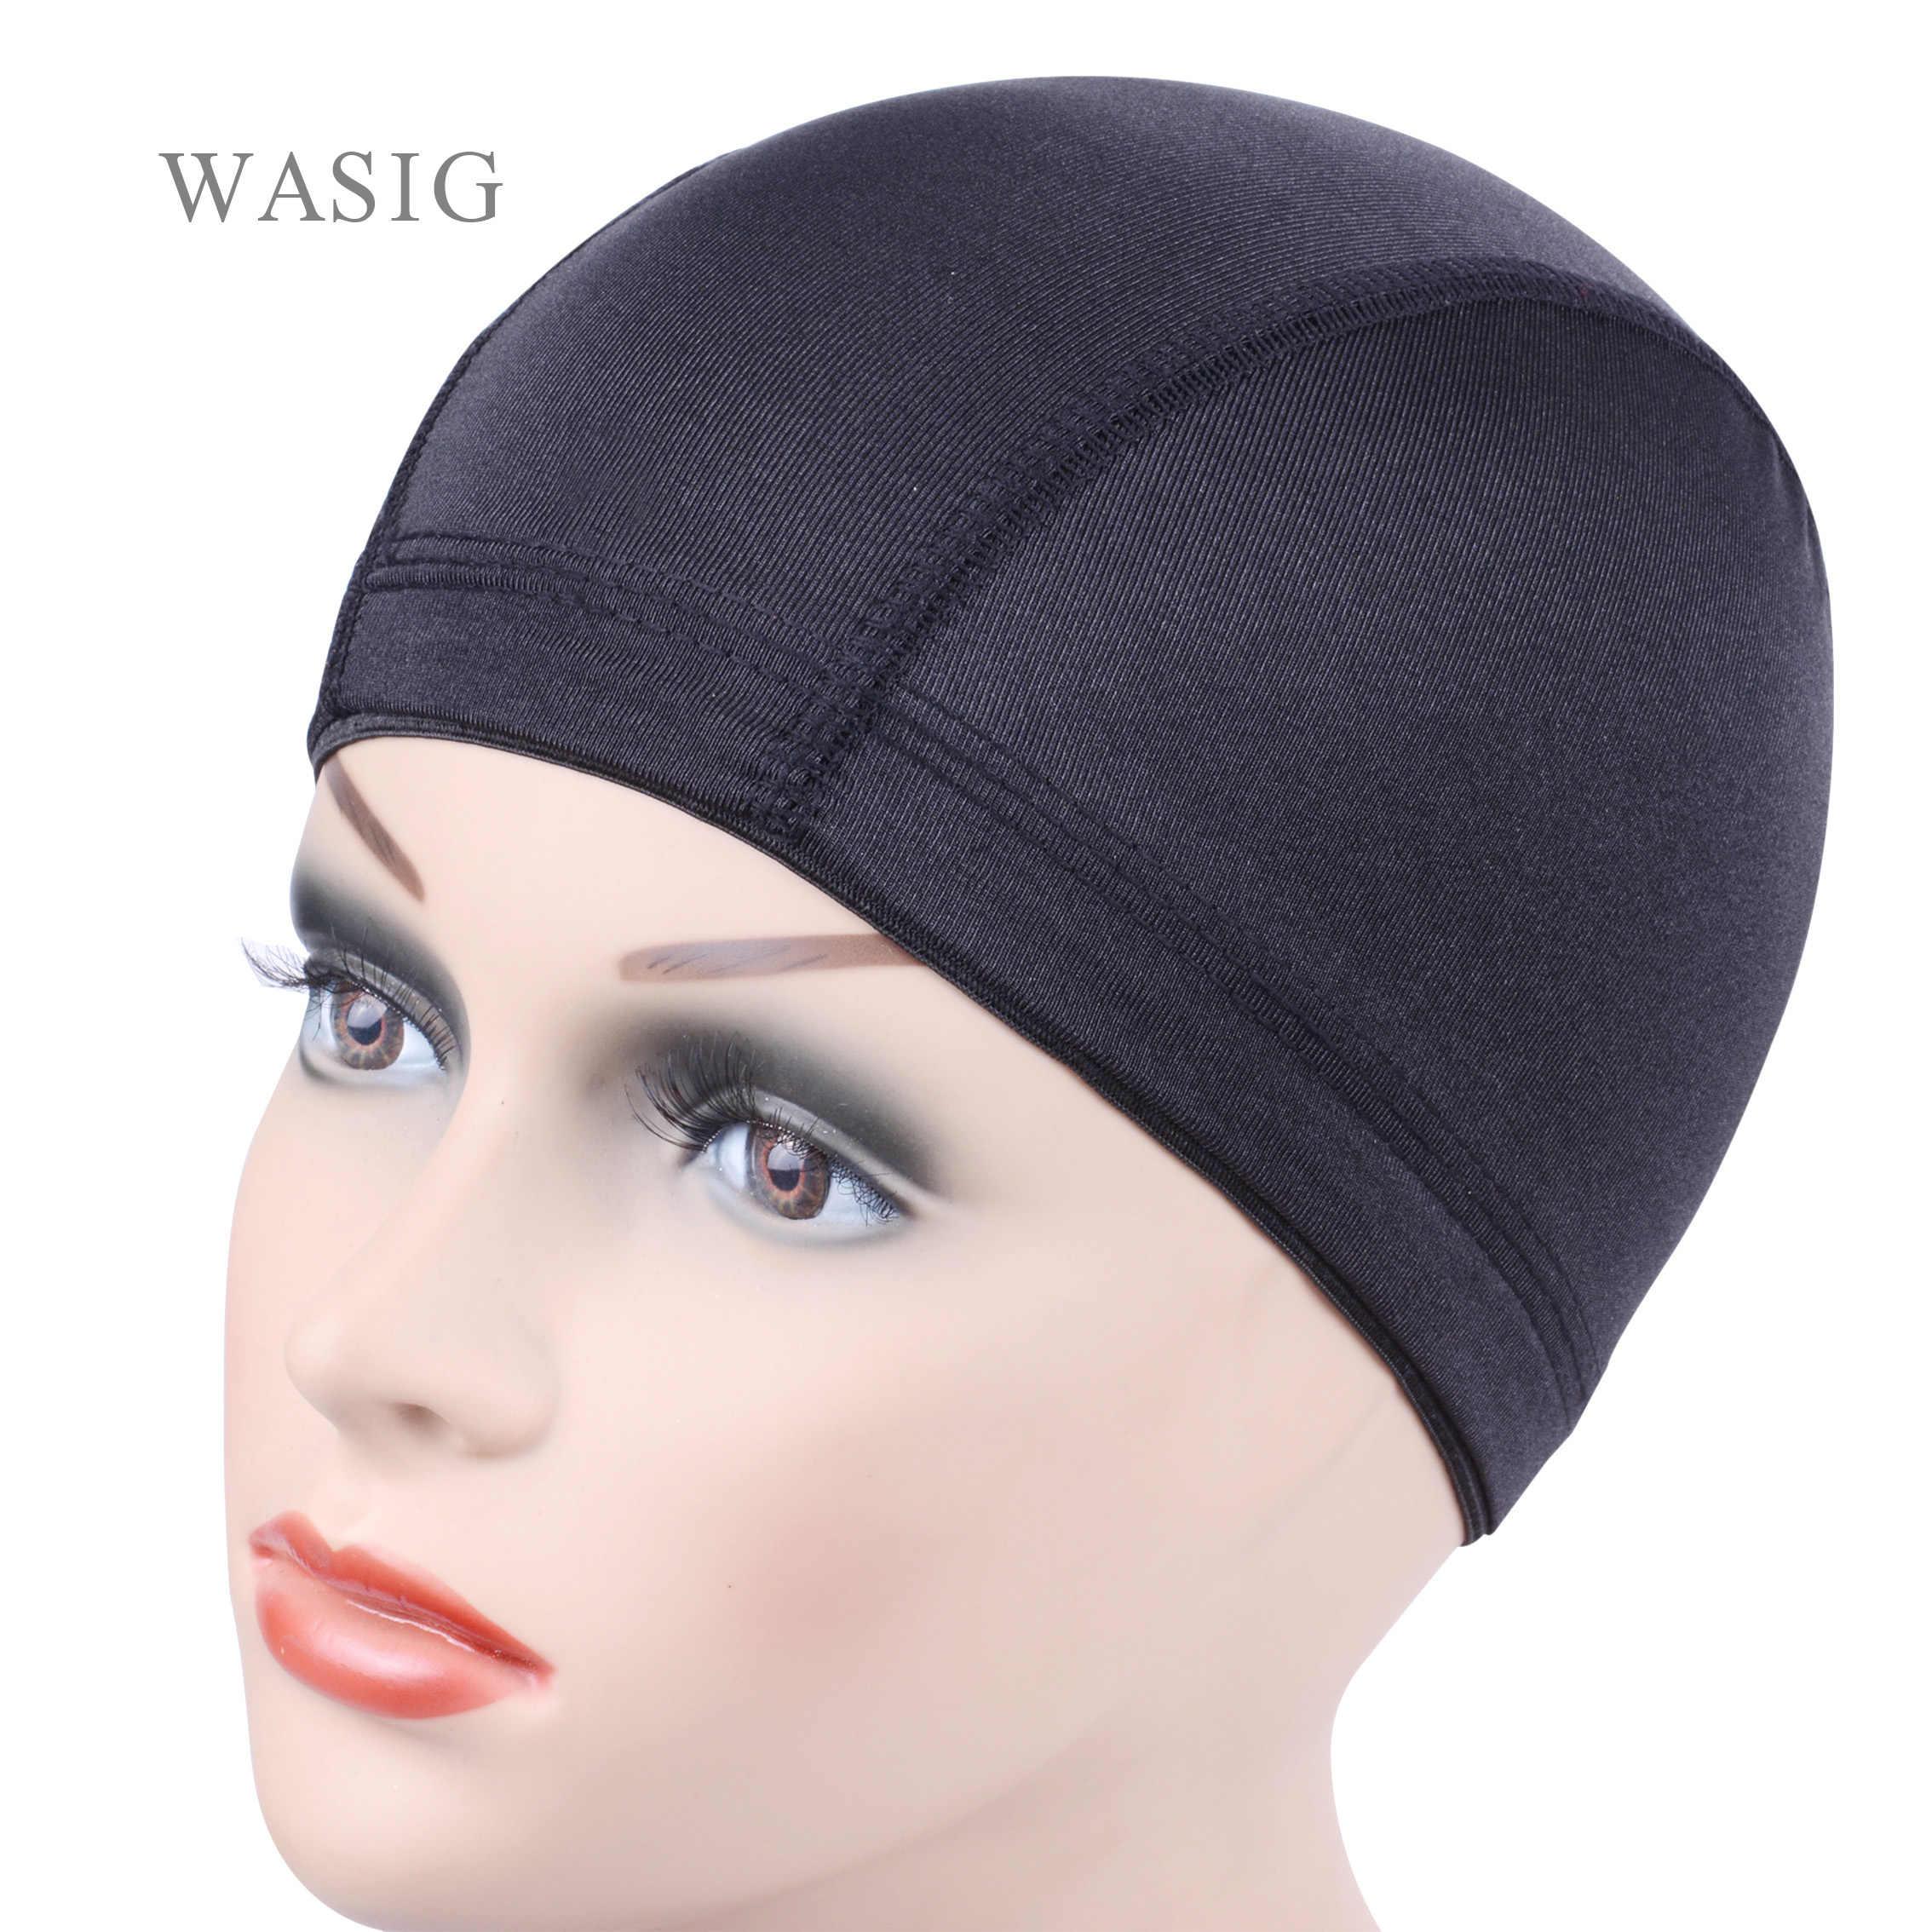 12 шт бесклеевая сетка для волос укладчик париков дешевый парик для изготовления париков сетка спандекс эластичная шапка парик